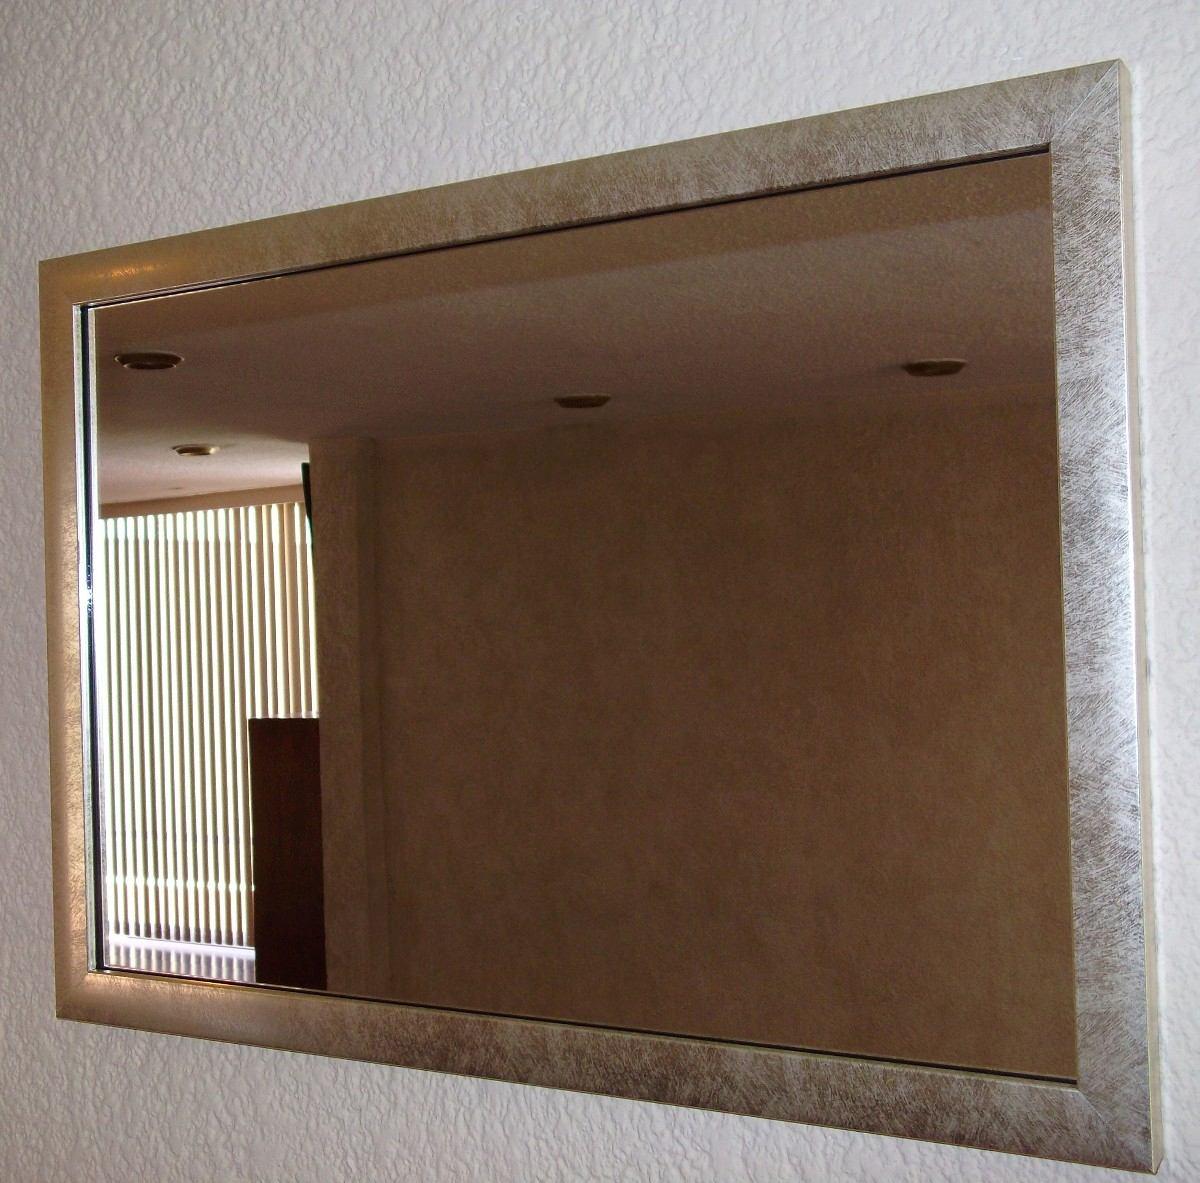 Espejo medida 45 x 65 espejo para ba o espejo decorativo for Espejos ovalados de pared